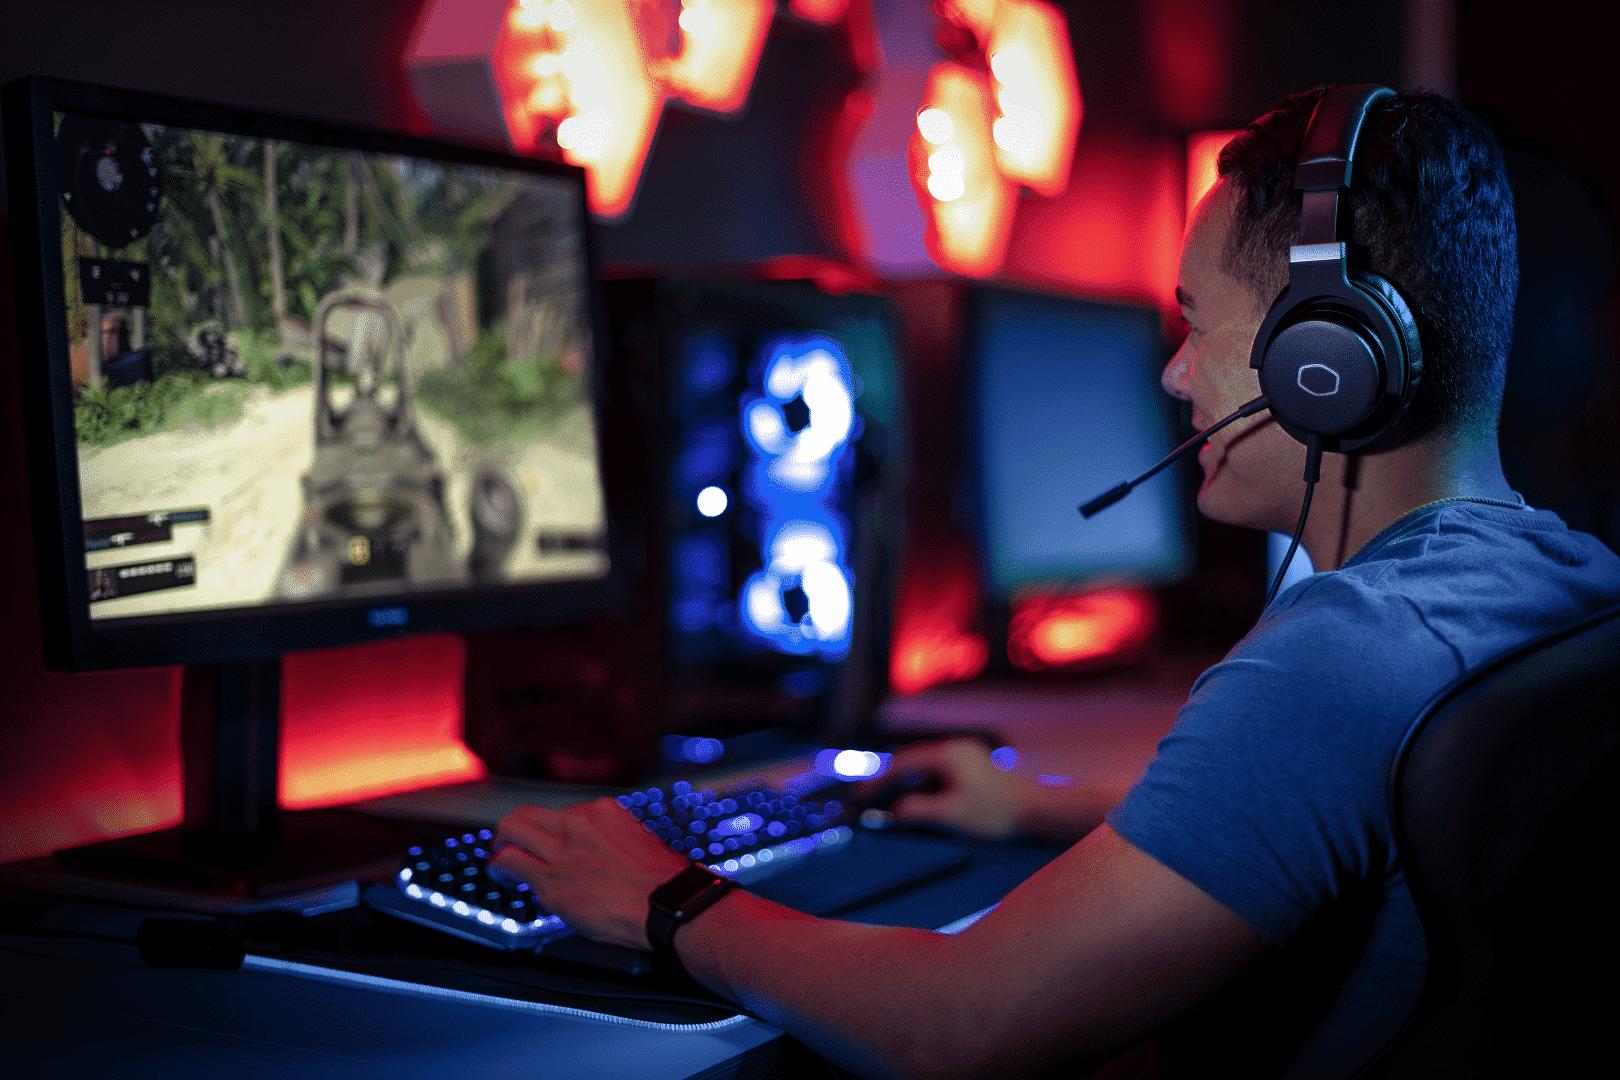 Bingung Pilih Headset Gaming yang Cocok? Berikut Rekomendasi Exploid